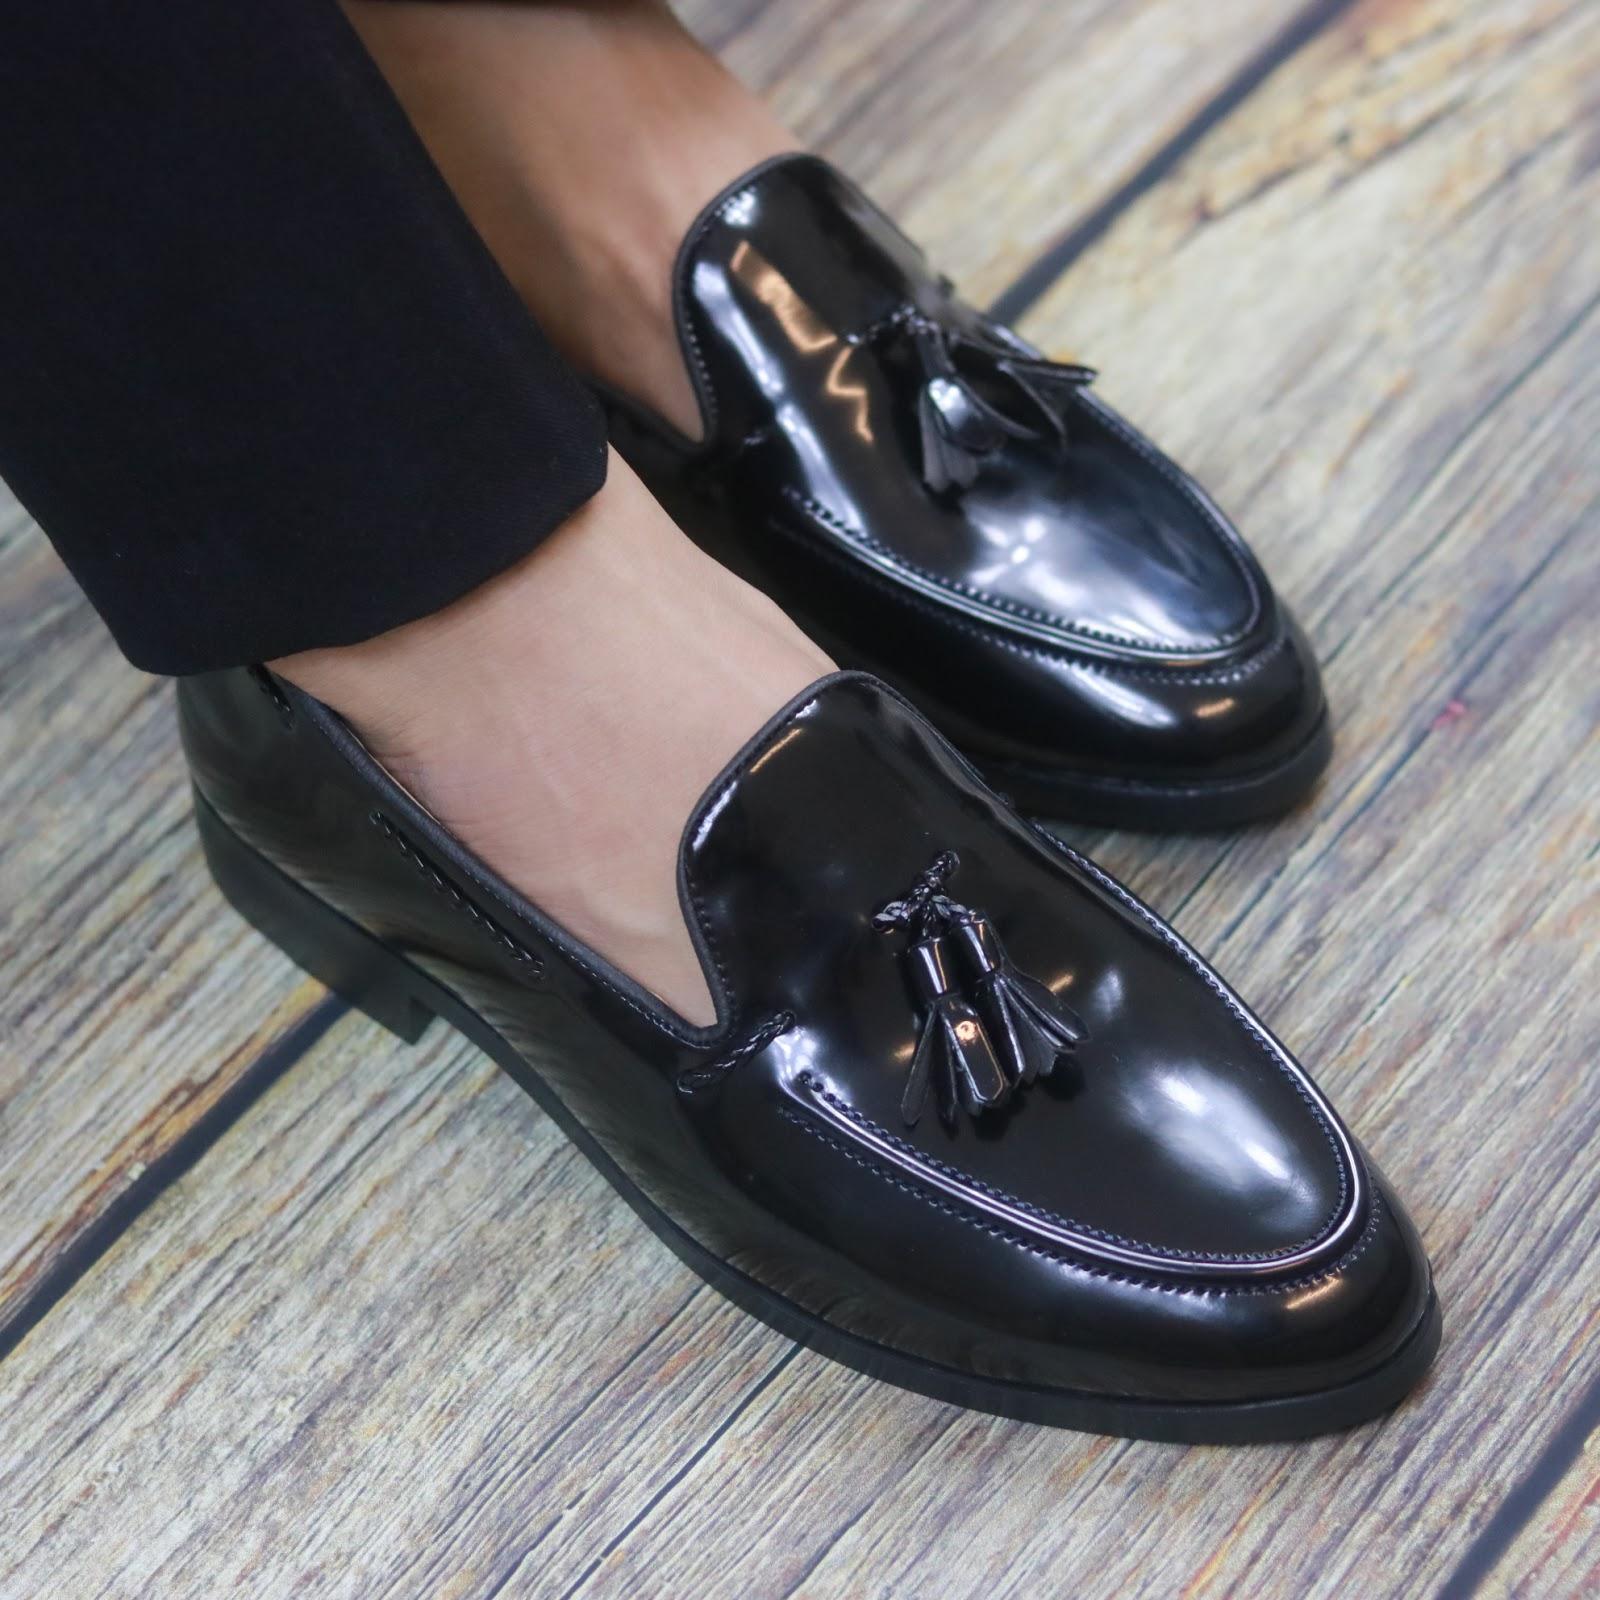 Một số lưu ý cho đôi giày da luôn đẹp như mới